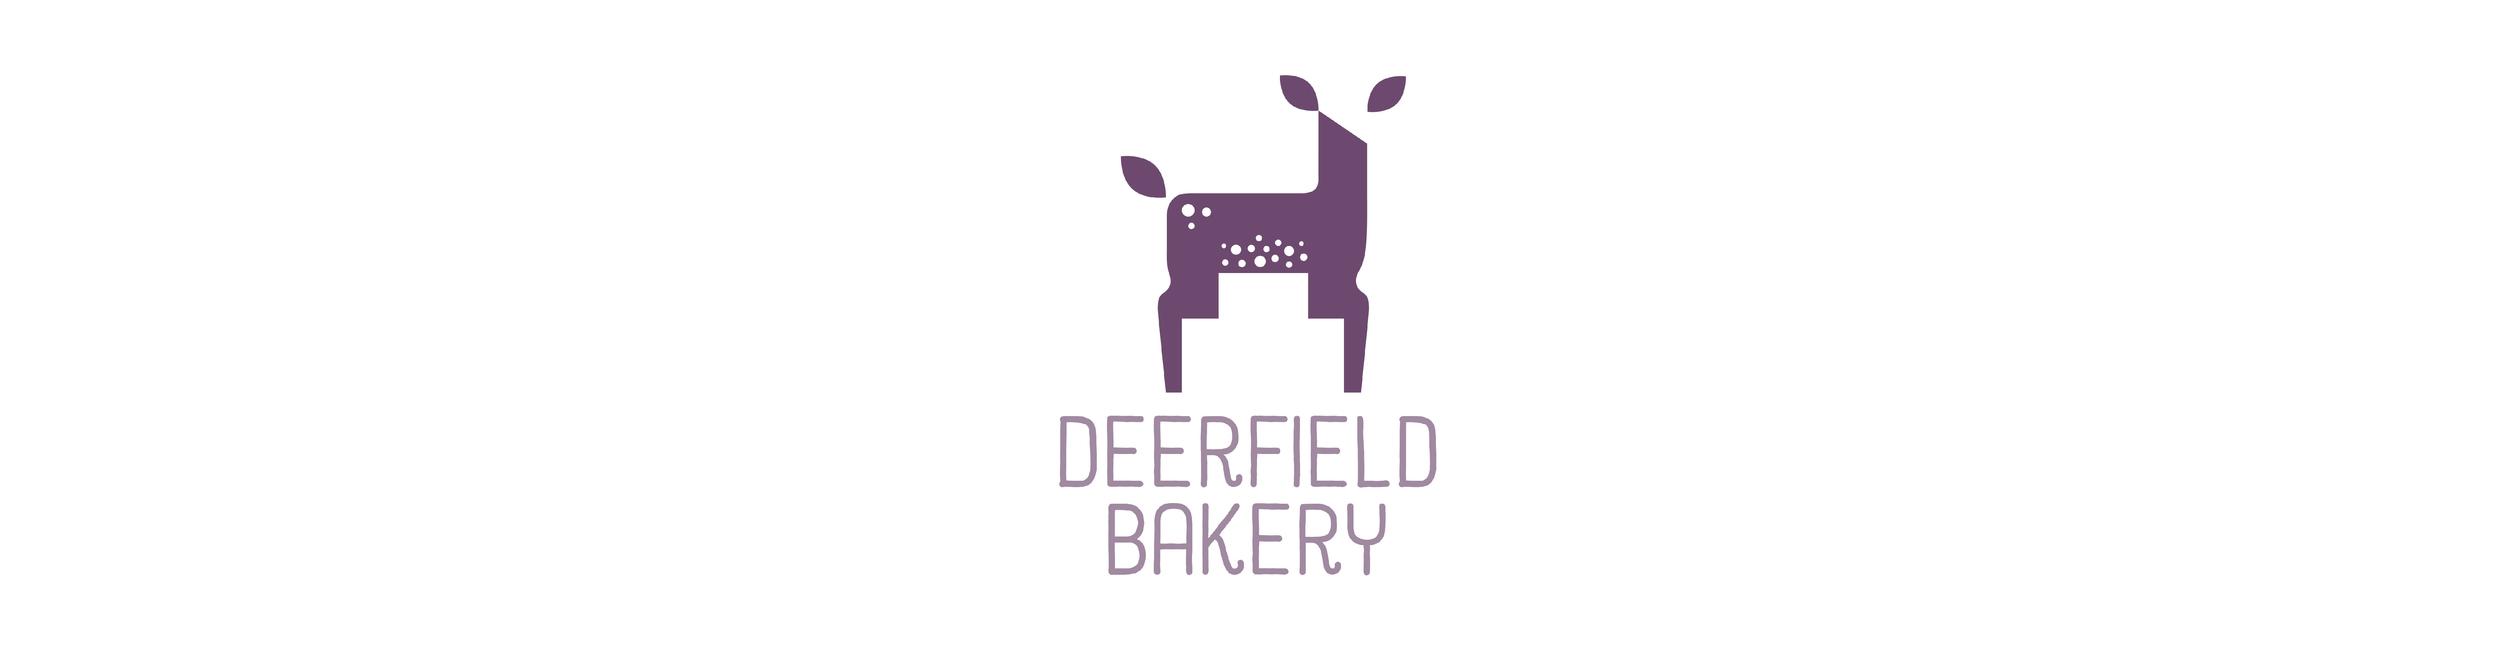 logo deerfield -01.jpg